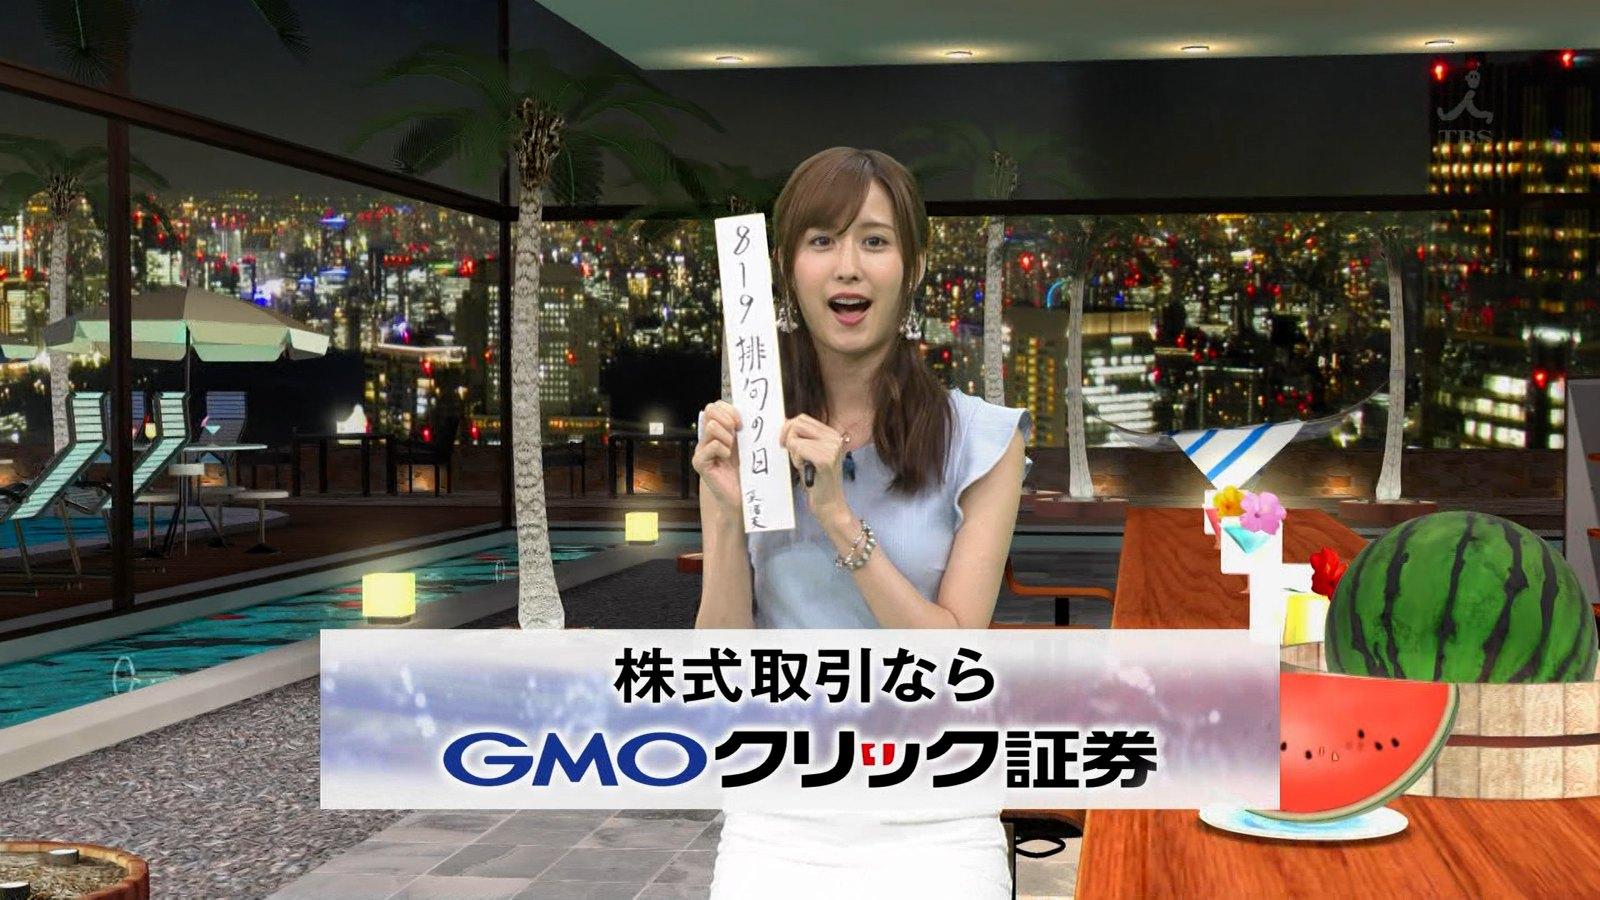 2019年8月19日放送された「ビジネス・クリック」に出演した阿部菜渚美さんのテレビキャプチャー画像-086